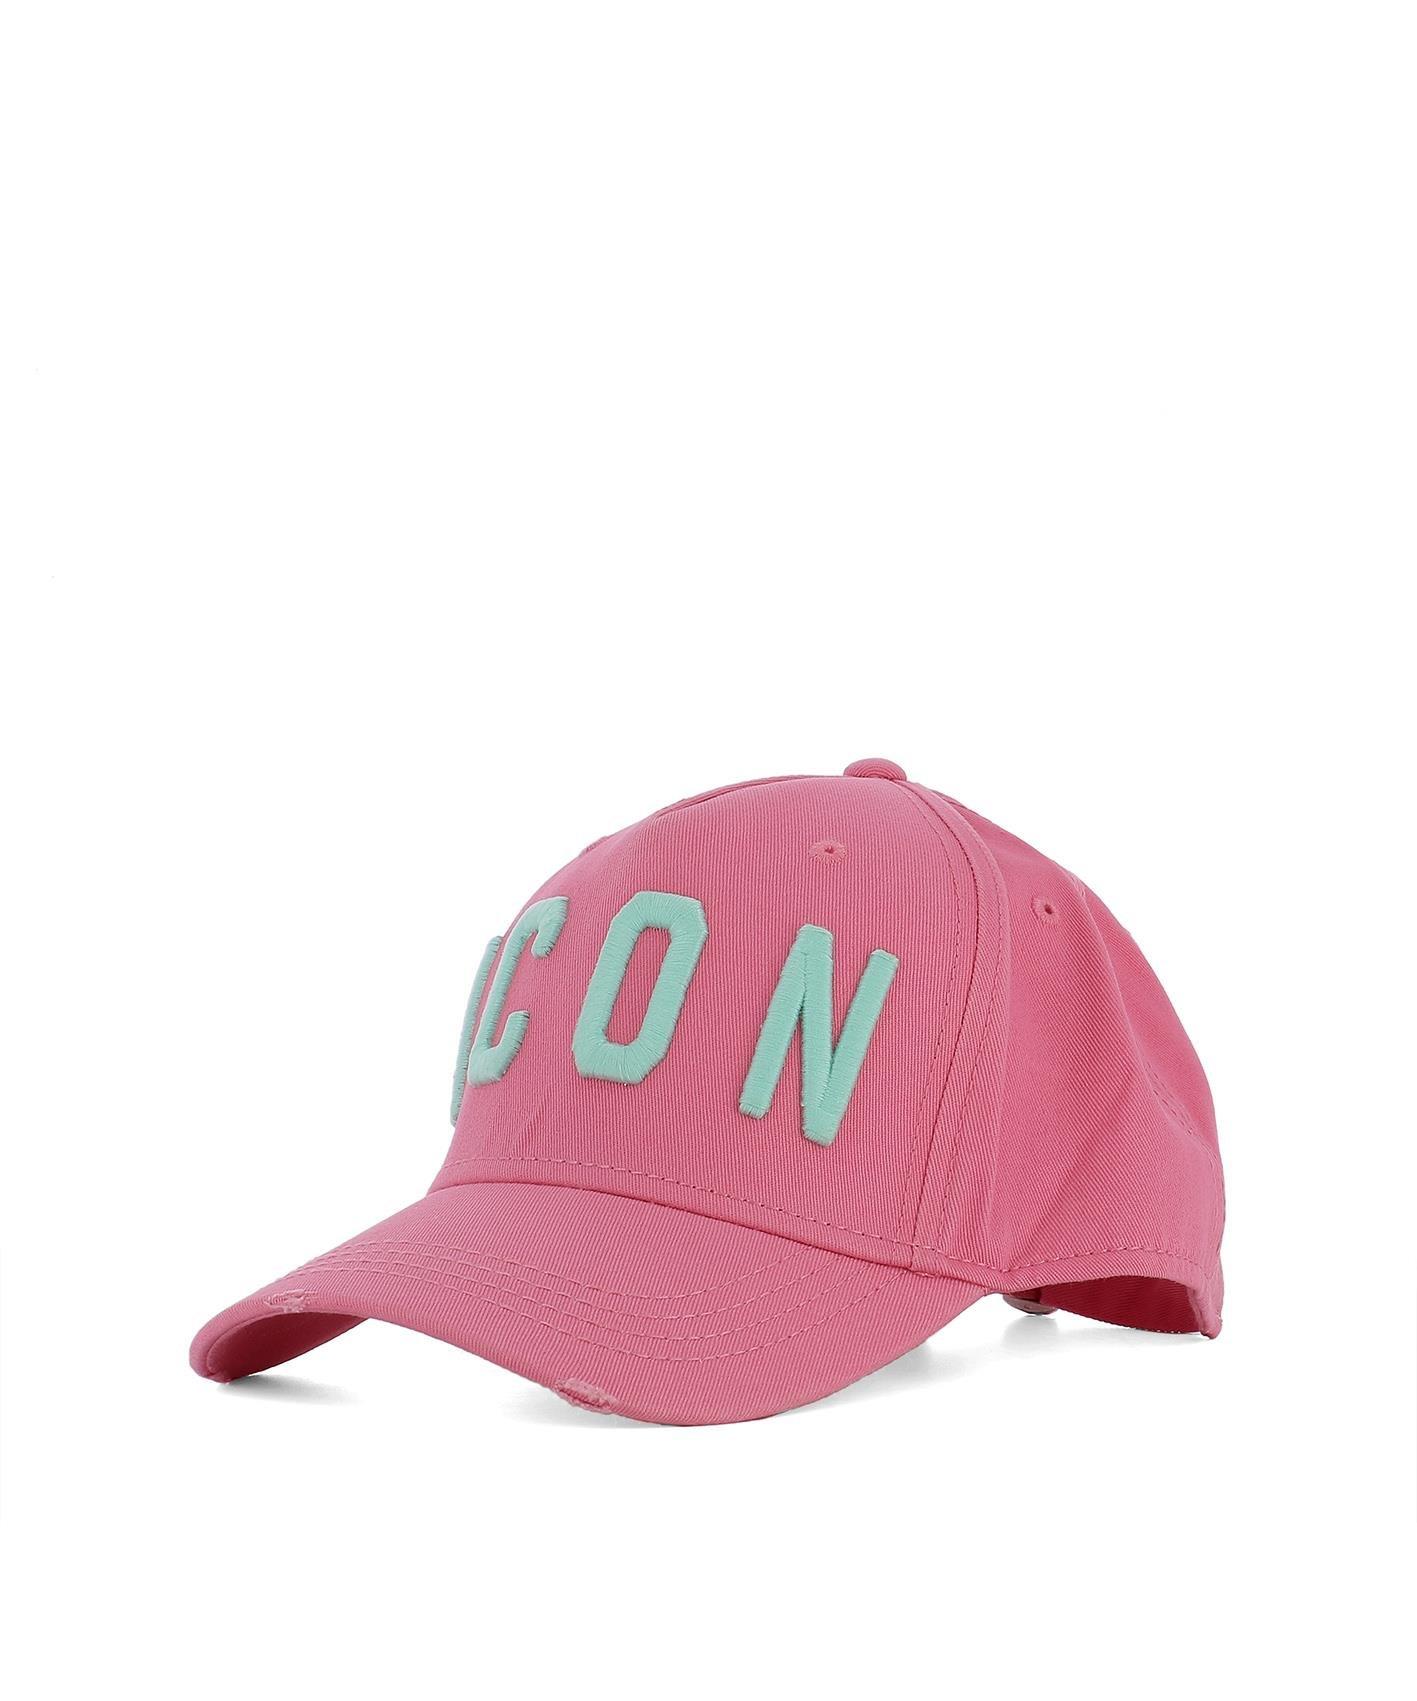 DSQUARED2 Men's Bcm400105c00001m1387 Pink Cotton Hat